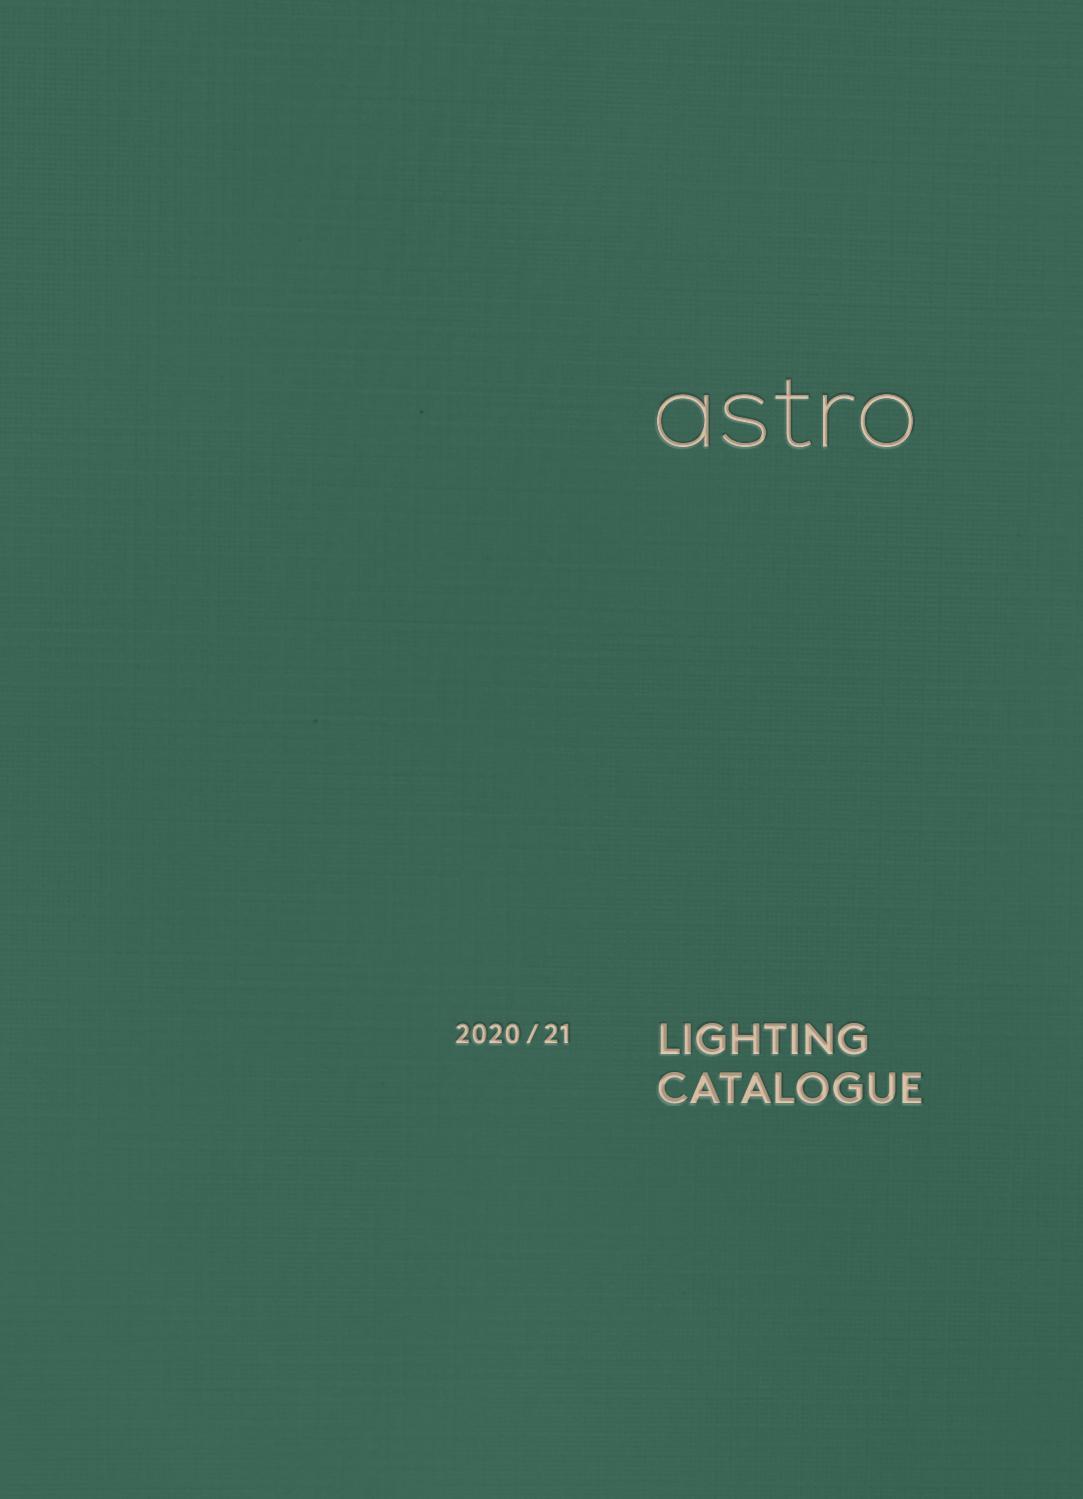 Astro Lighting Catalogue 2020 21 Interior By Astro Lighting Issuu